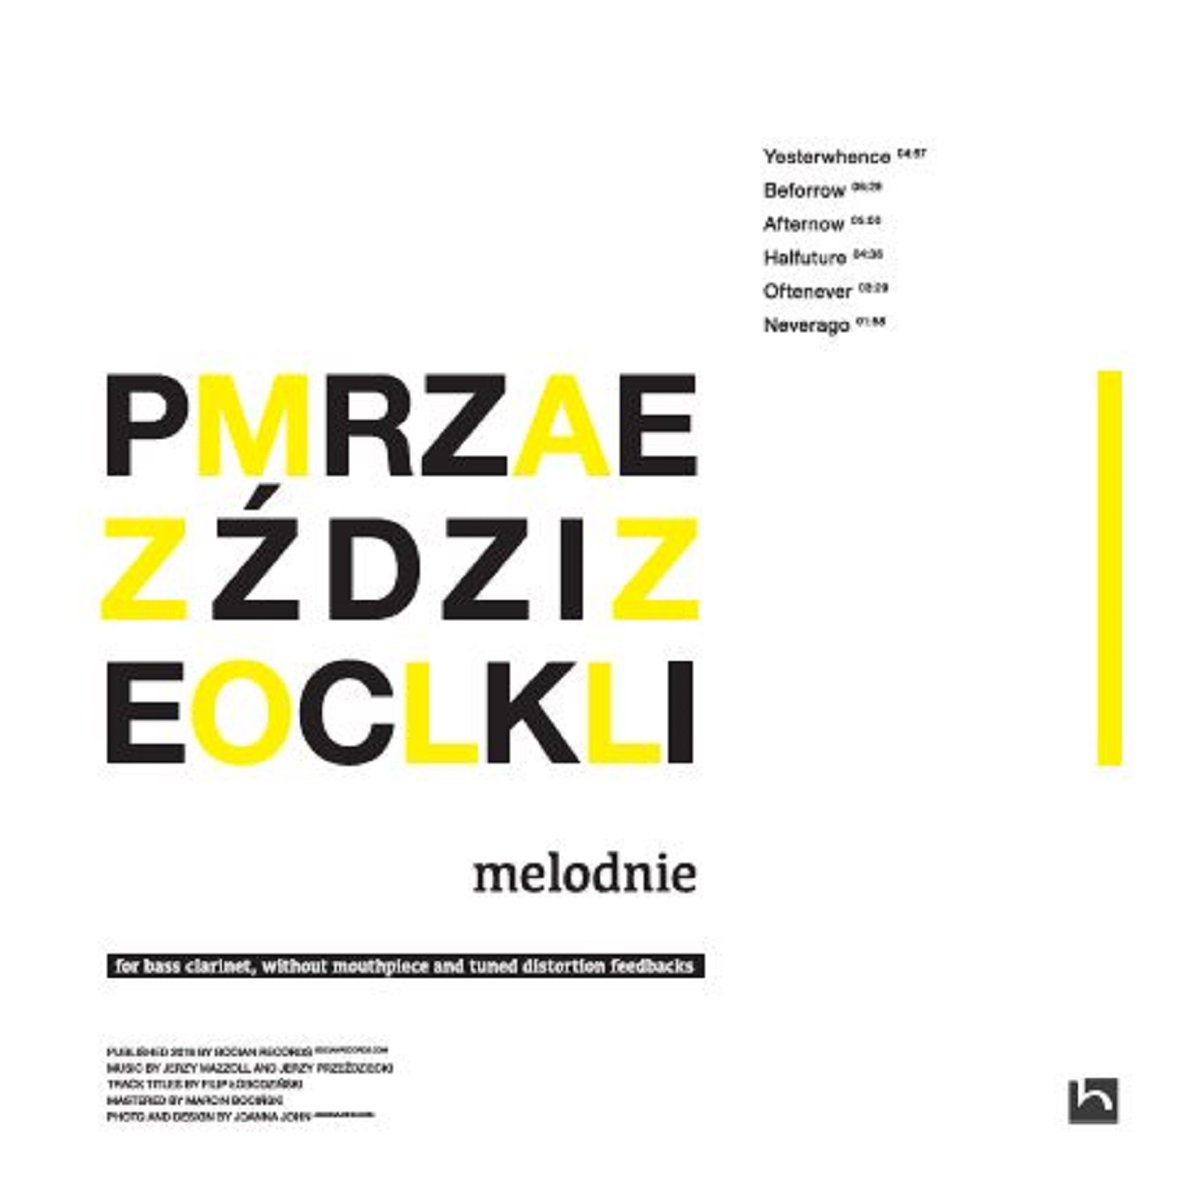 JERZY MAZZOLL - Jerzy Mazzoll and Jerzy Przeździecki : melodnie cover